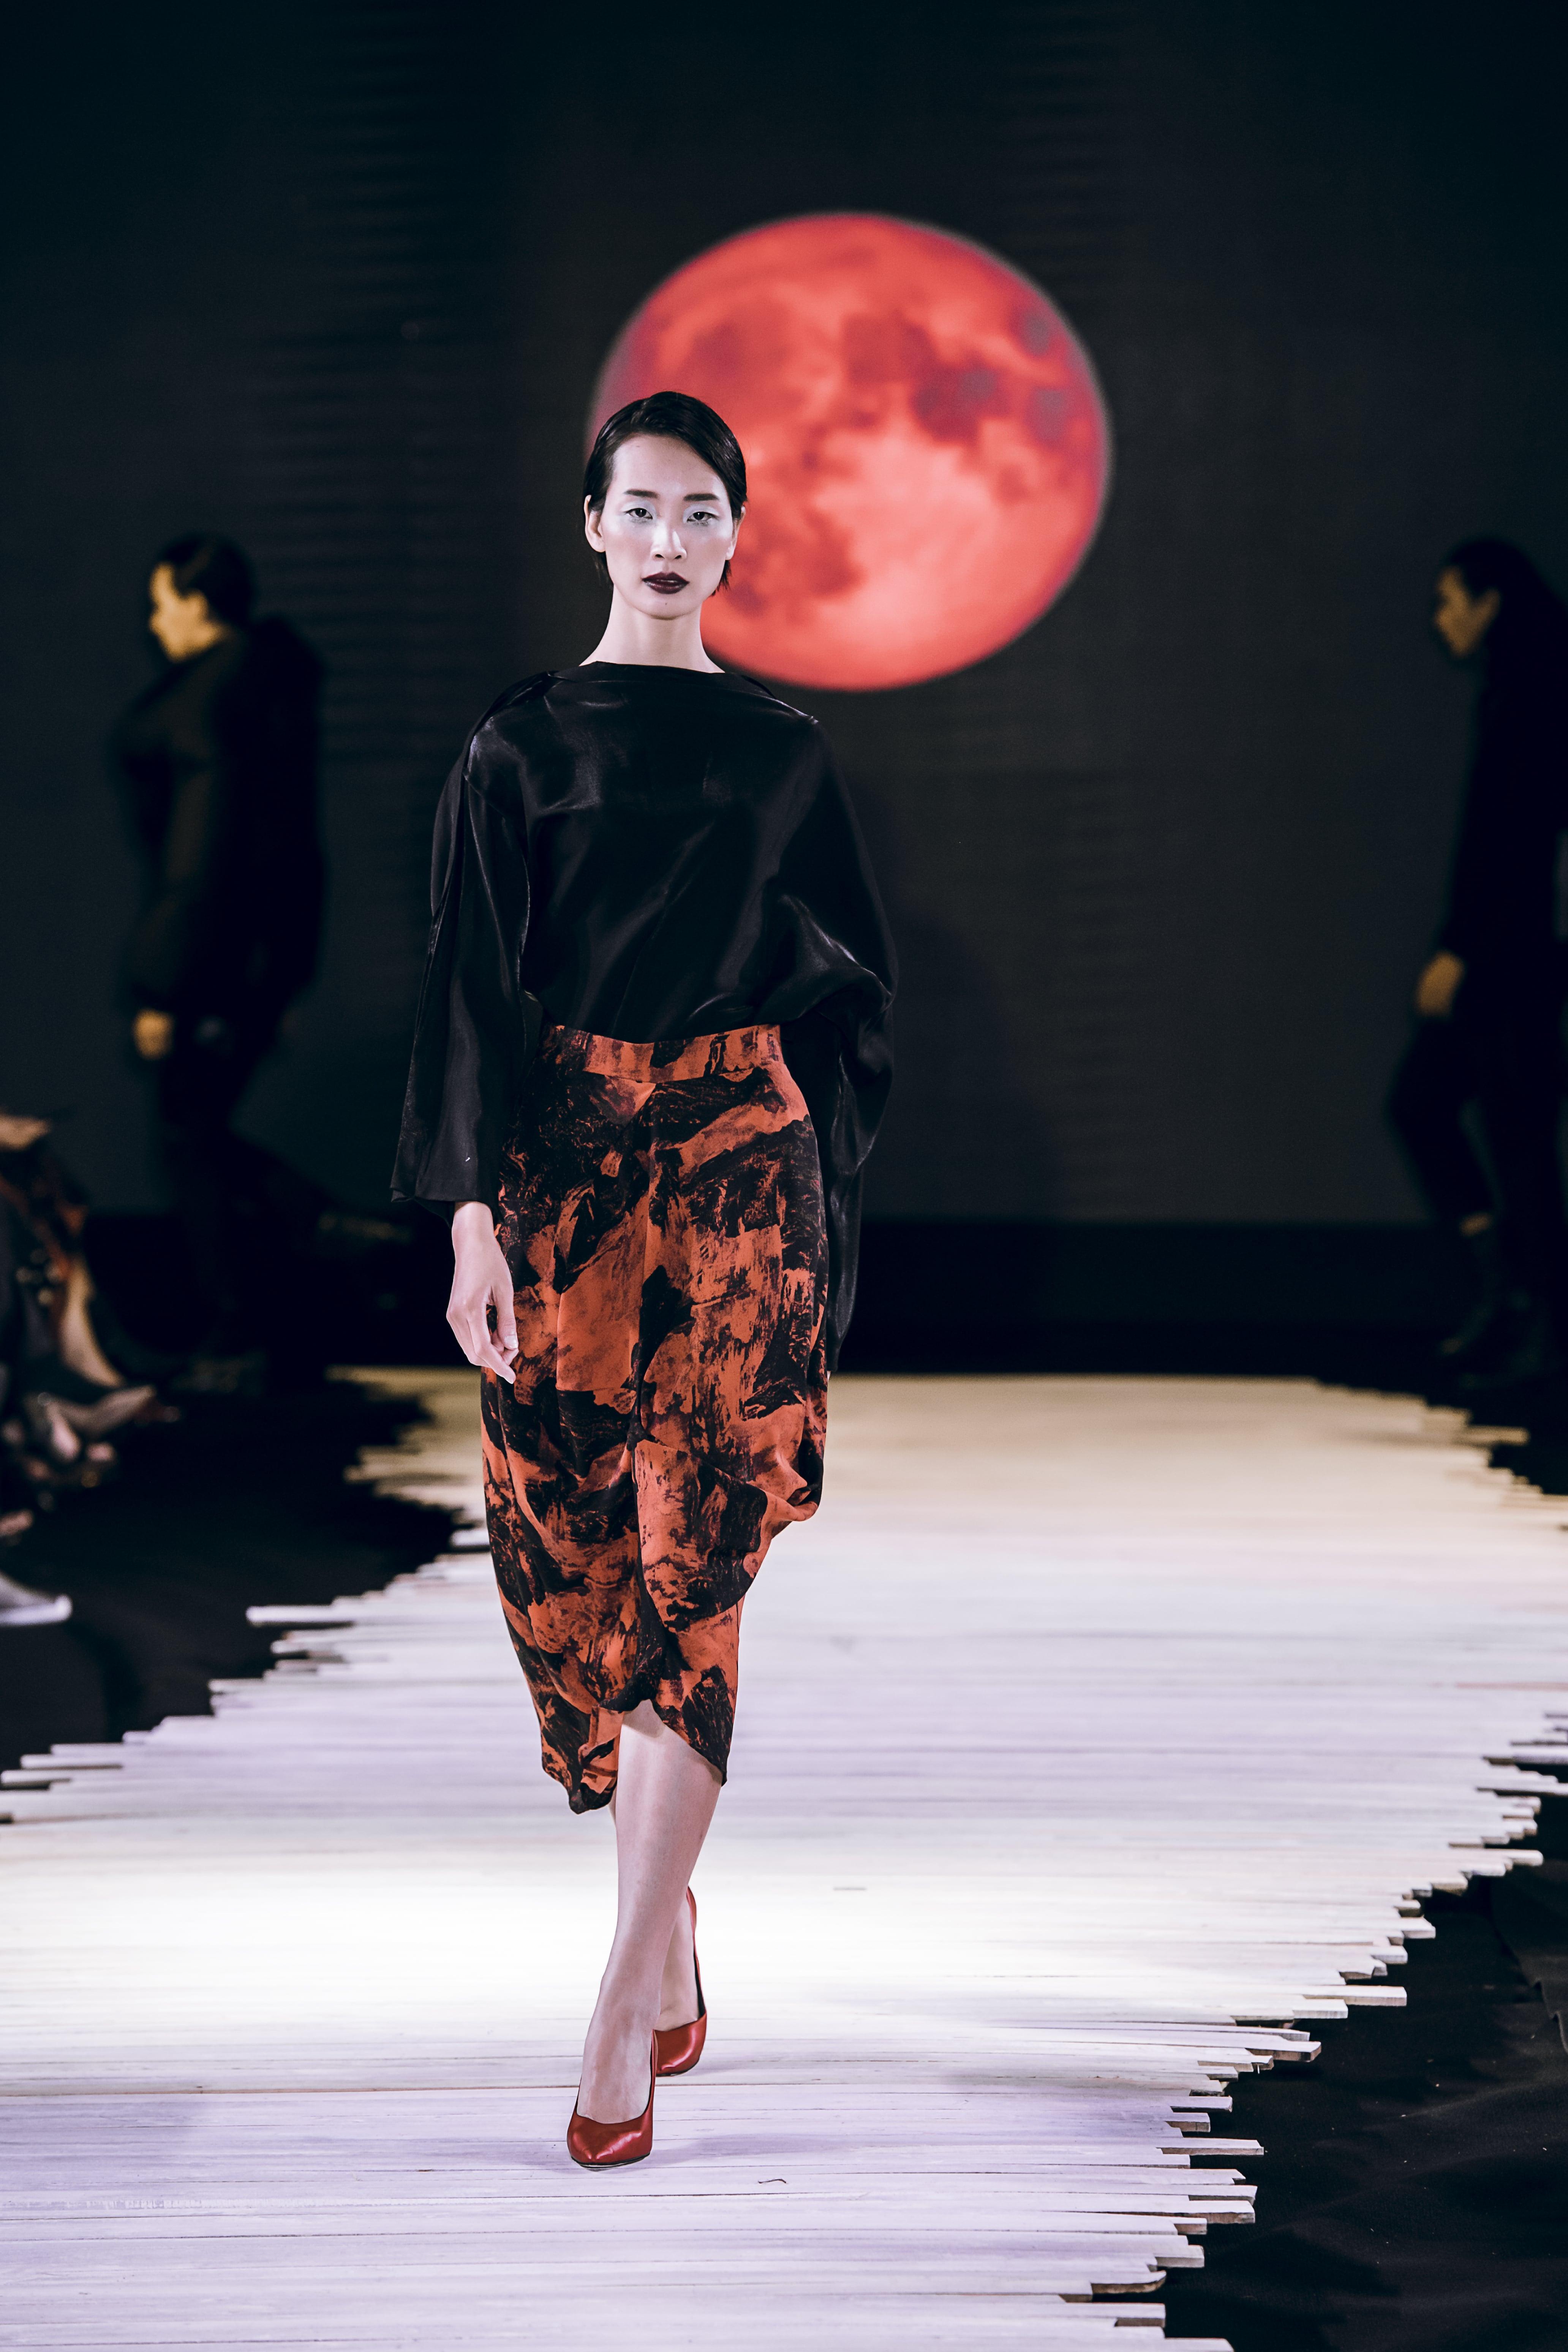 Người mẫu mặc áo đen và chân váy đỏ sẫm màu